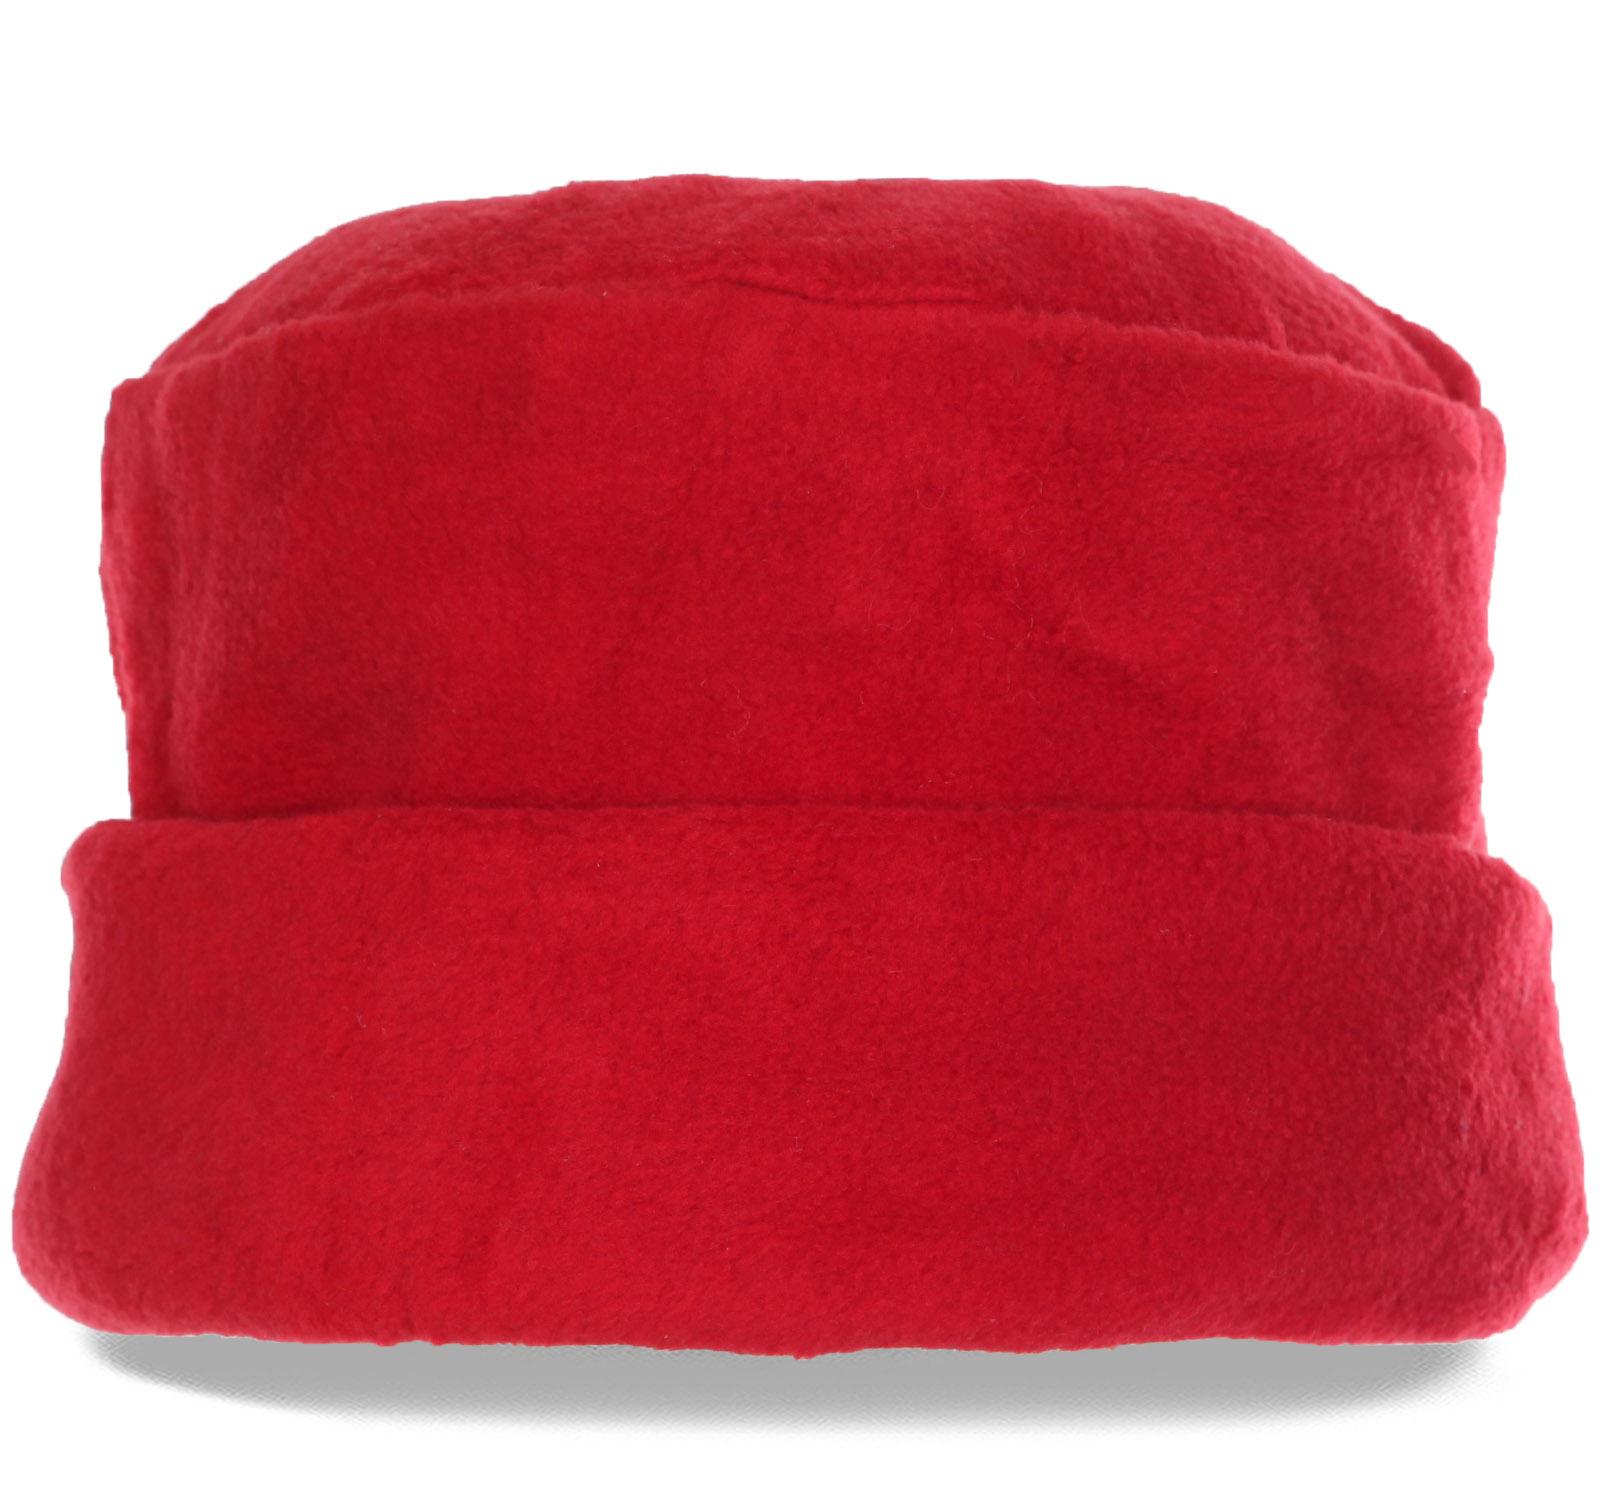 Эффектная красная женская шапка из мягкого флиса на флисовой подкладке. Купи, носи, а все подруги тебе обзавидуются!